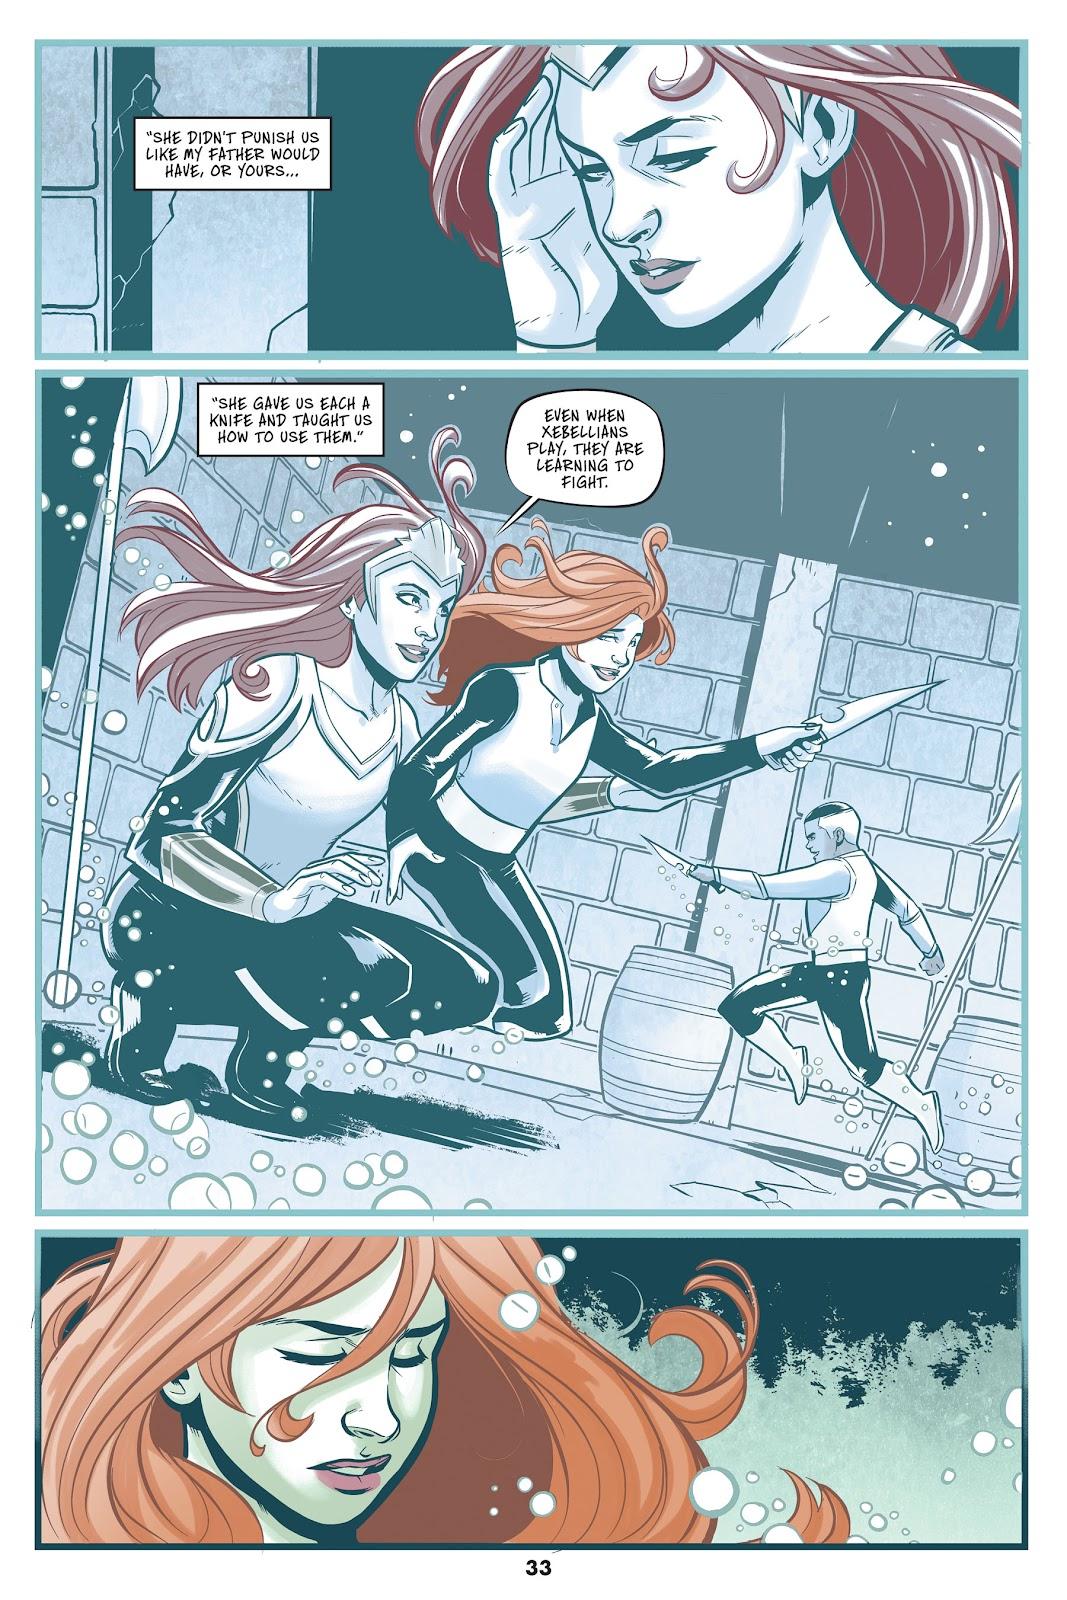 Read online Mera: Tidebreaker comic -  Issue # TPB (Part 1) - 33